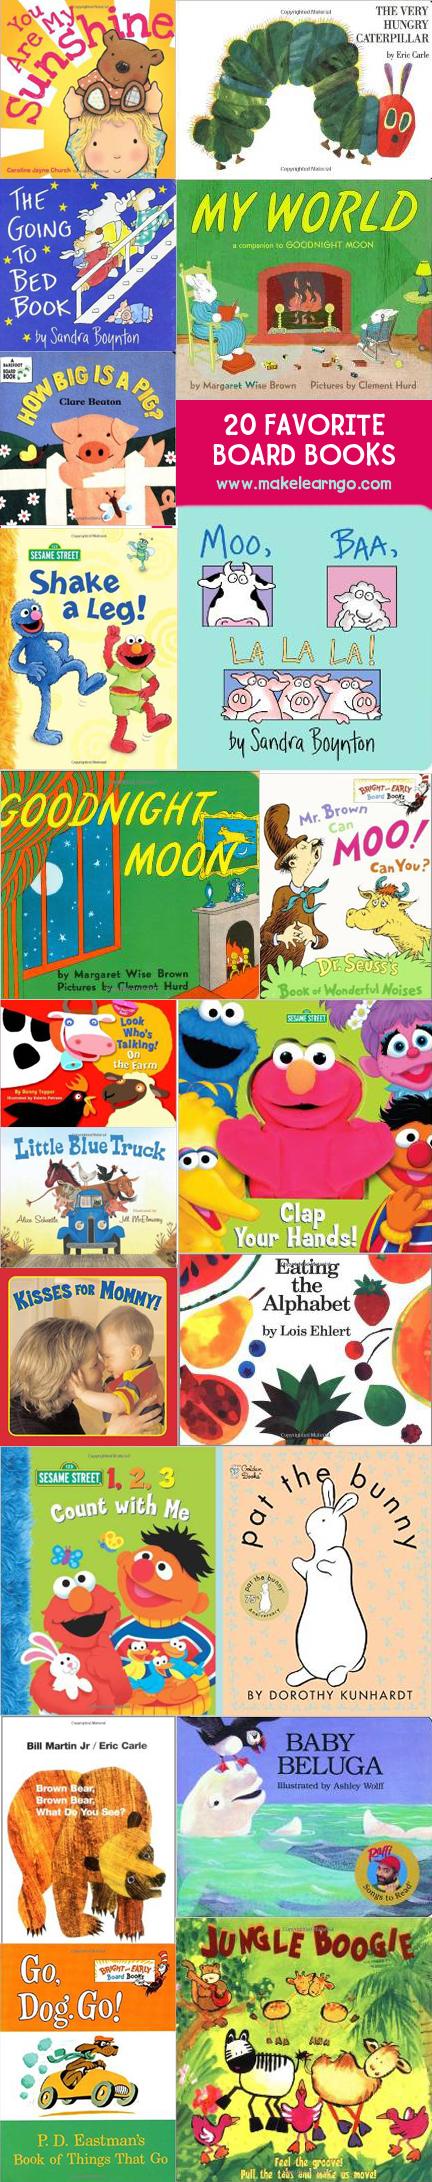 20 Favorite Board Books